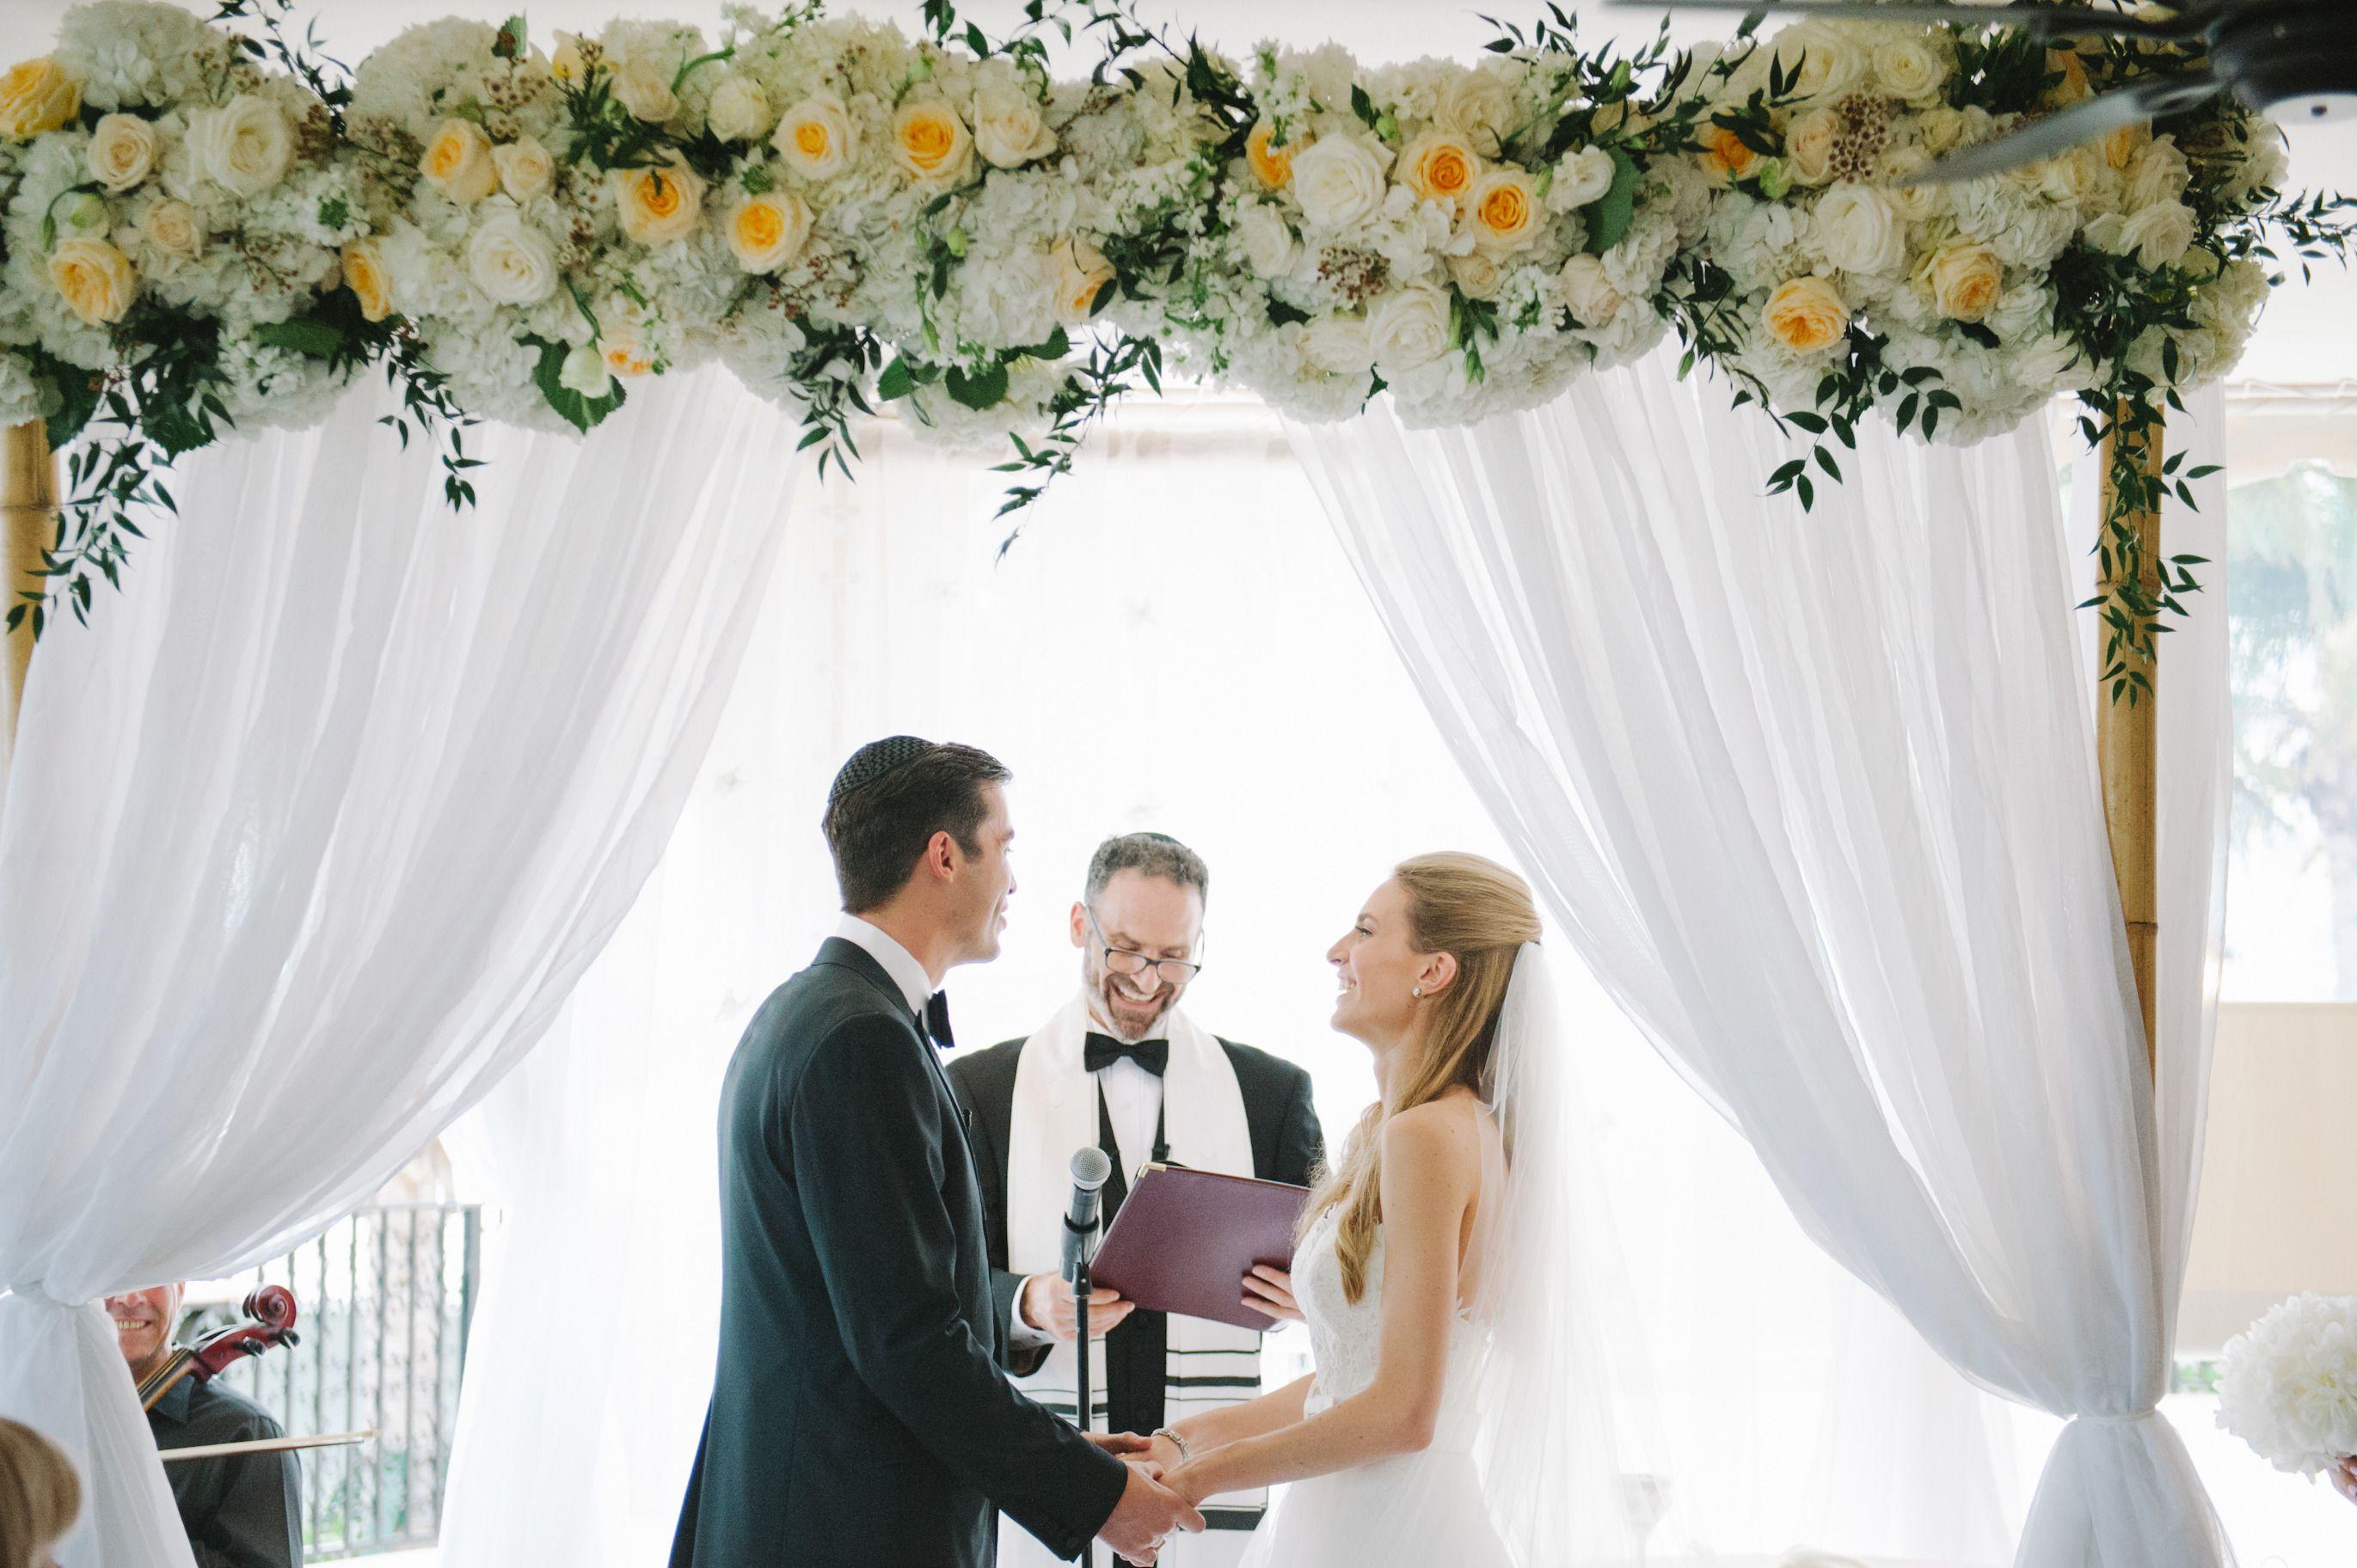 Glamorous Ballroom Wedding in Miami Beach Glamorous